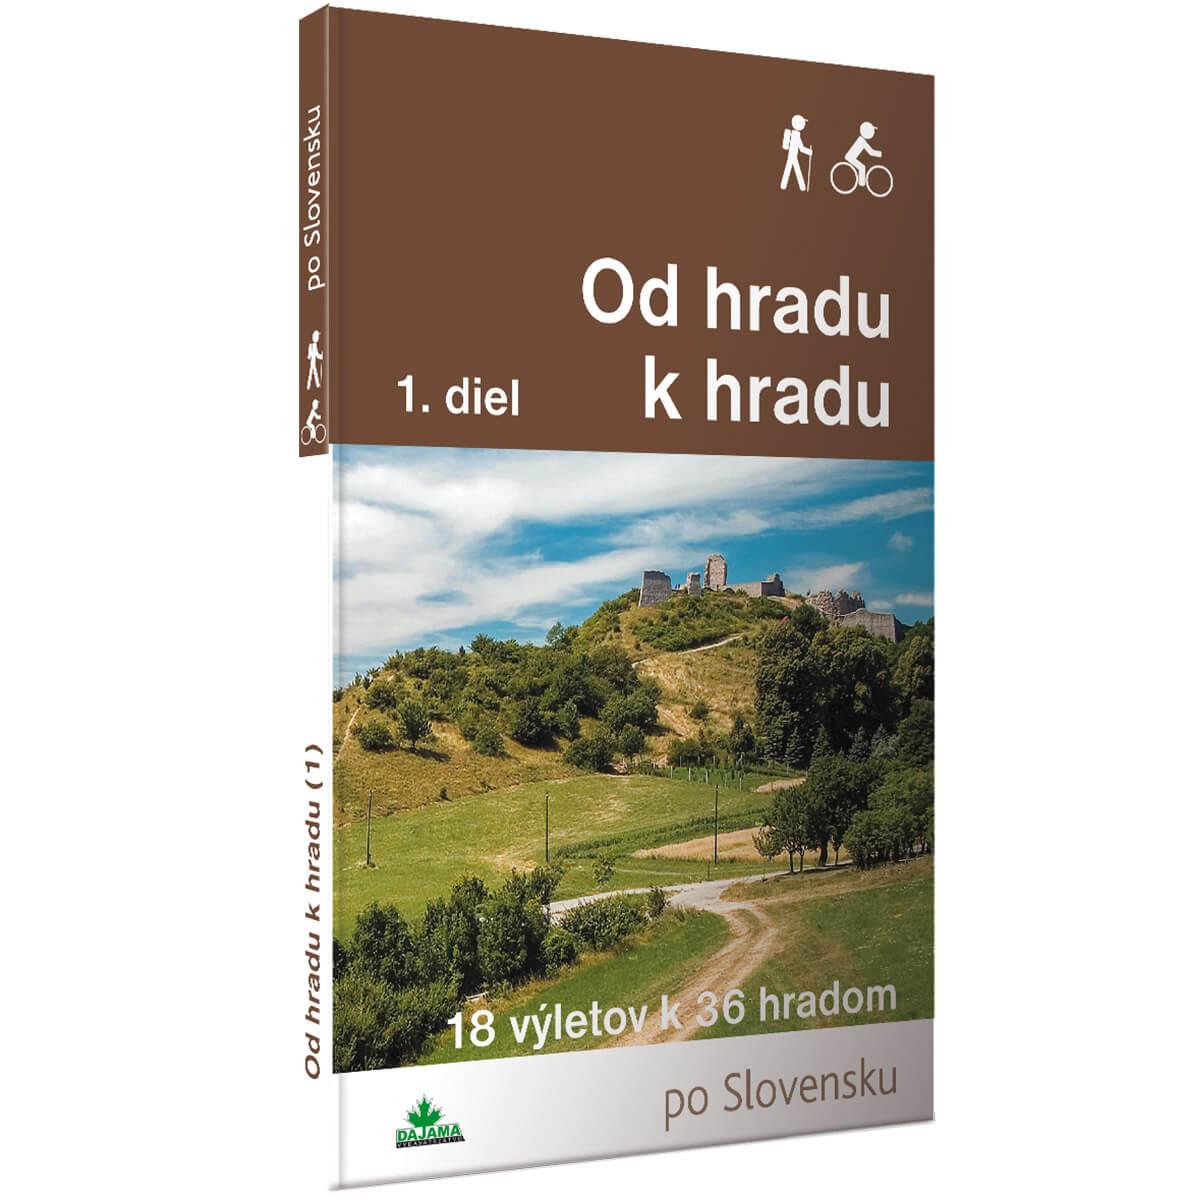 Kniha Od hradu k hradu 1. diel - 18 výletov k 36 hradom po Slovensku z vydavateľstva Dajama